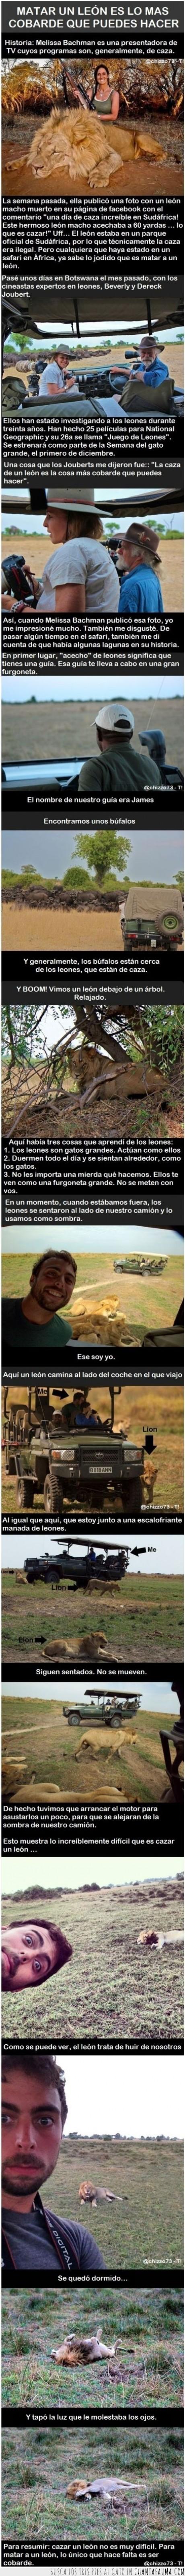 Animales,Buenos,Caza,Cobarde,Fail,León,Matar.,Safari